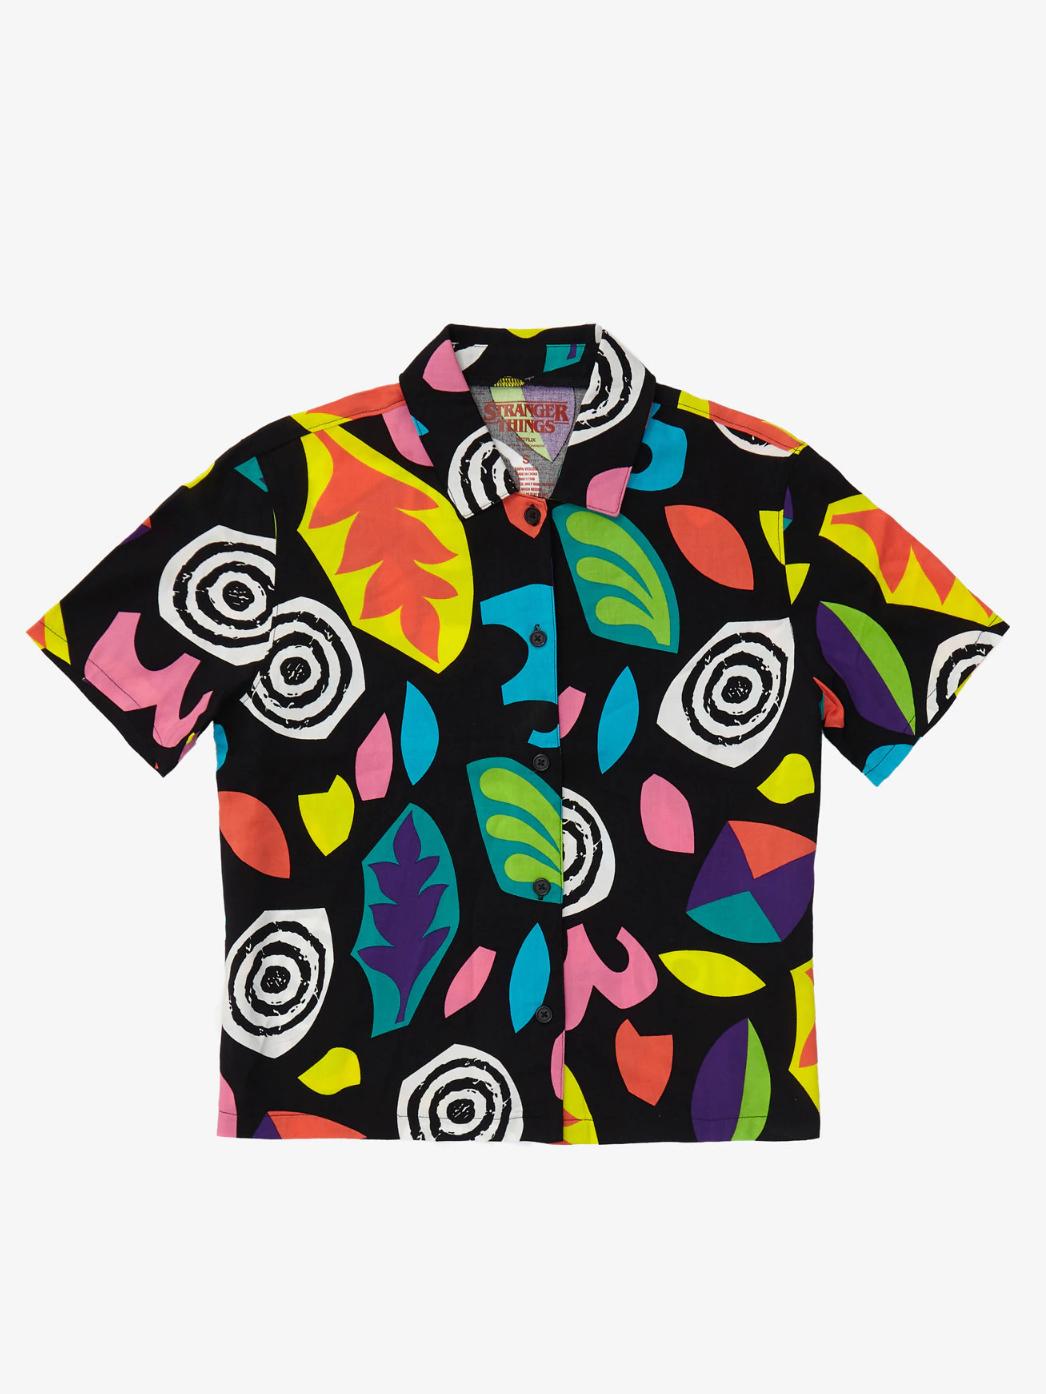 Camiseta de NI/ÑOS Stranger Things Eleven 11 El Otro Lado